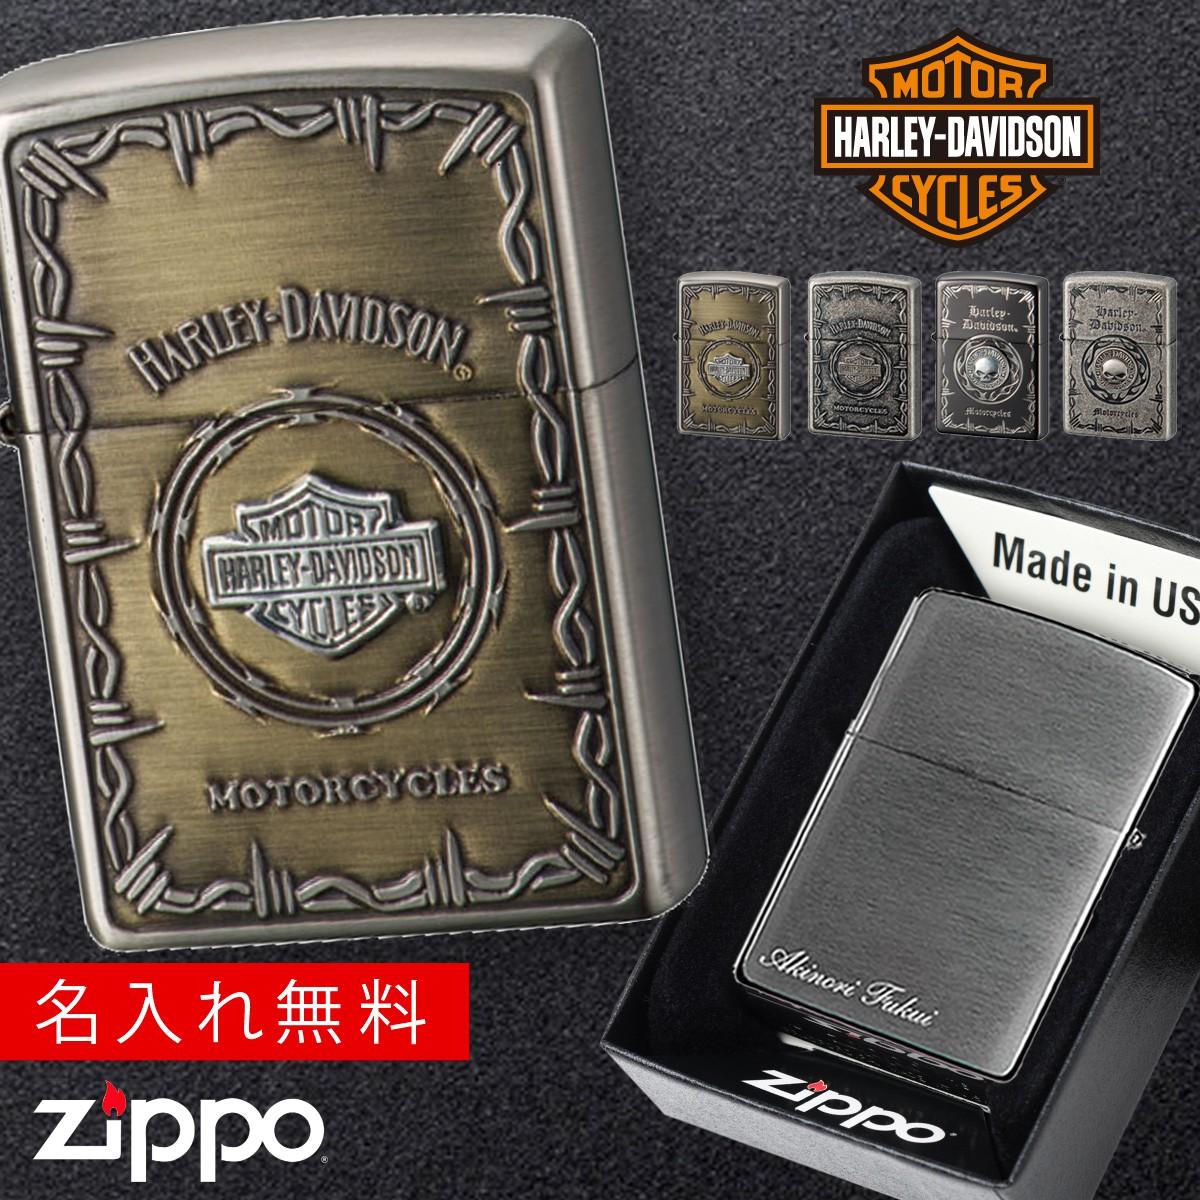 Zippo ジッポー 名入れ 彫刻 Zippoライター ジッポライター オイルライター ハーレーダビッドソン HDP-67 Sメタル バー&シールド 名入れ ギフト